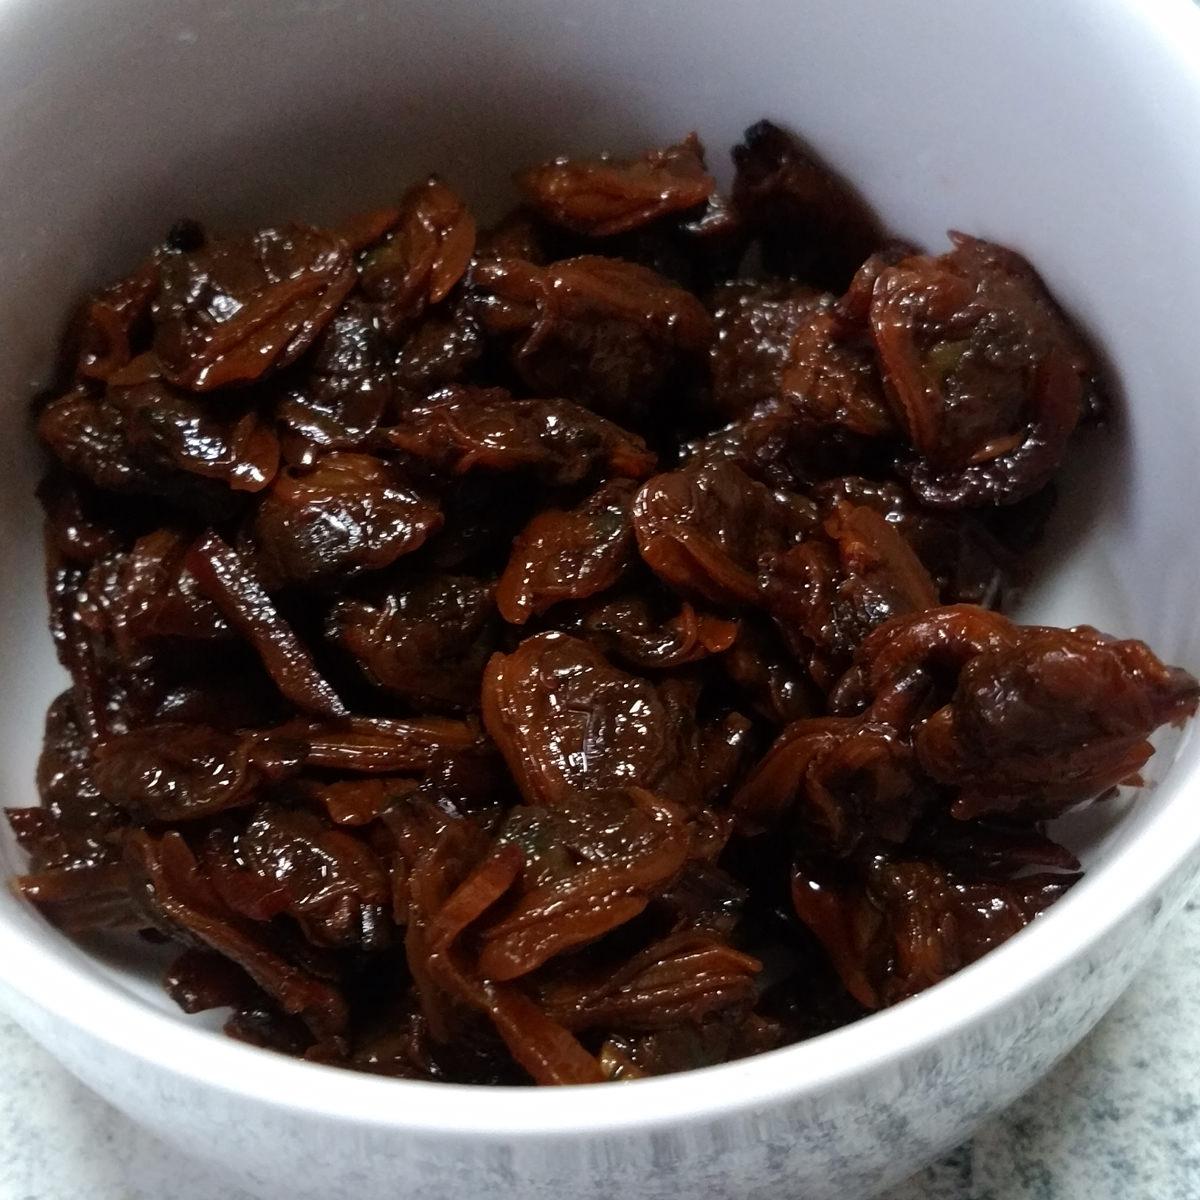 貝新フーズ 三重県名物 無添加 あさりしぐれ煮 桑名の殿様時雨で茶漬けセット〔アサリ100g・煎茶100g〕